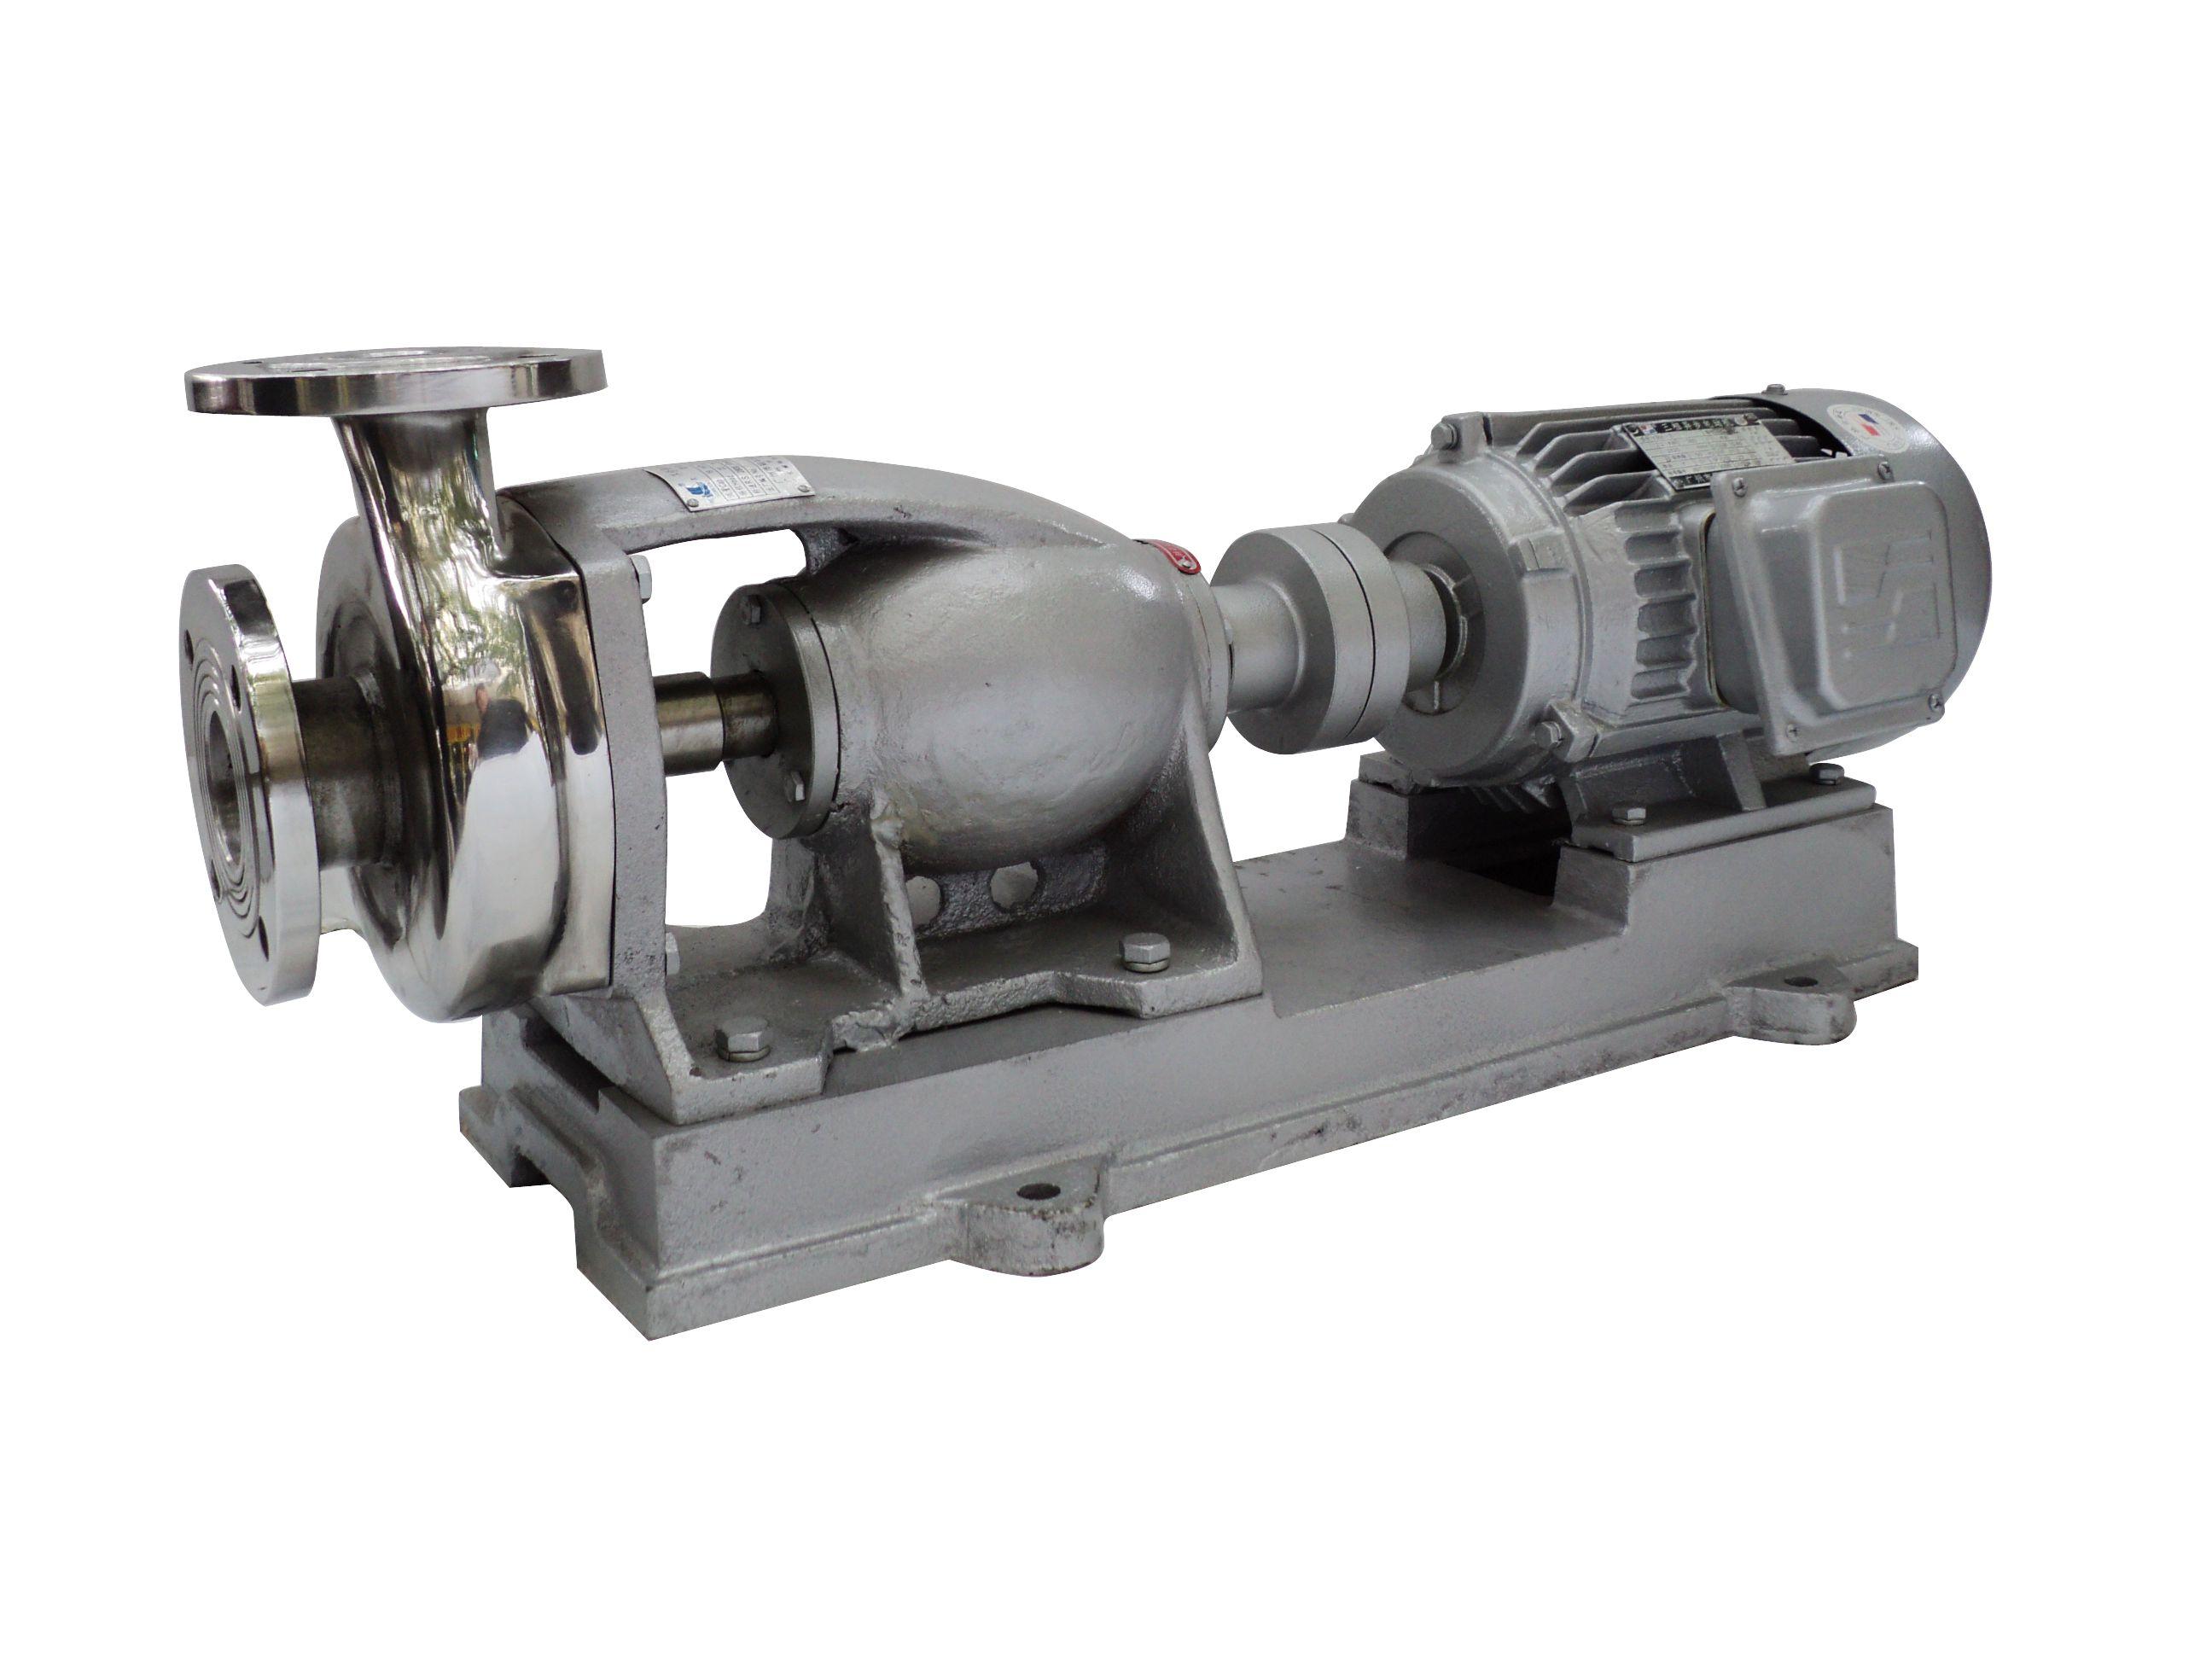 羊城水泵|50KF-15|耐腐蚀离心泵|羊城泵业|广州羊城水泵厂